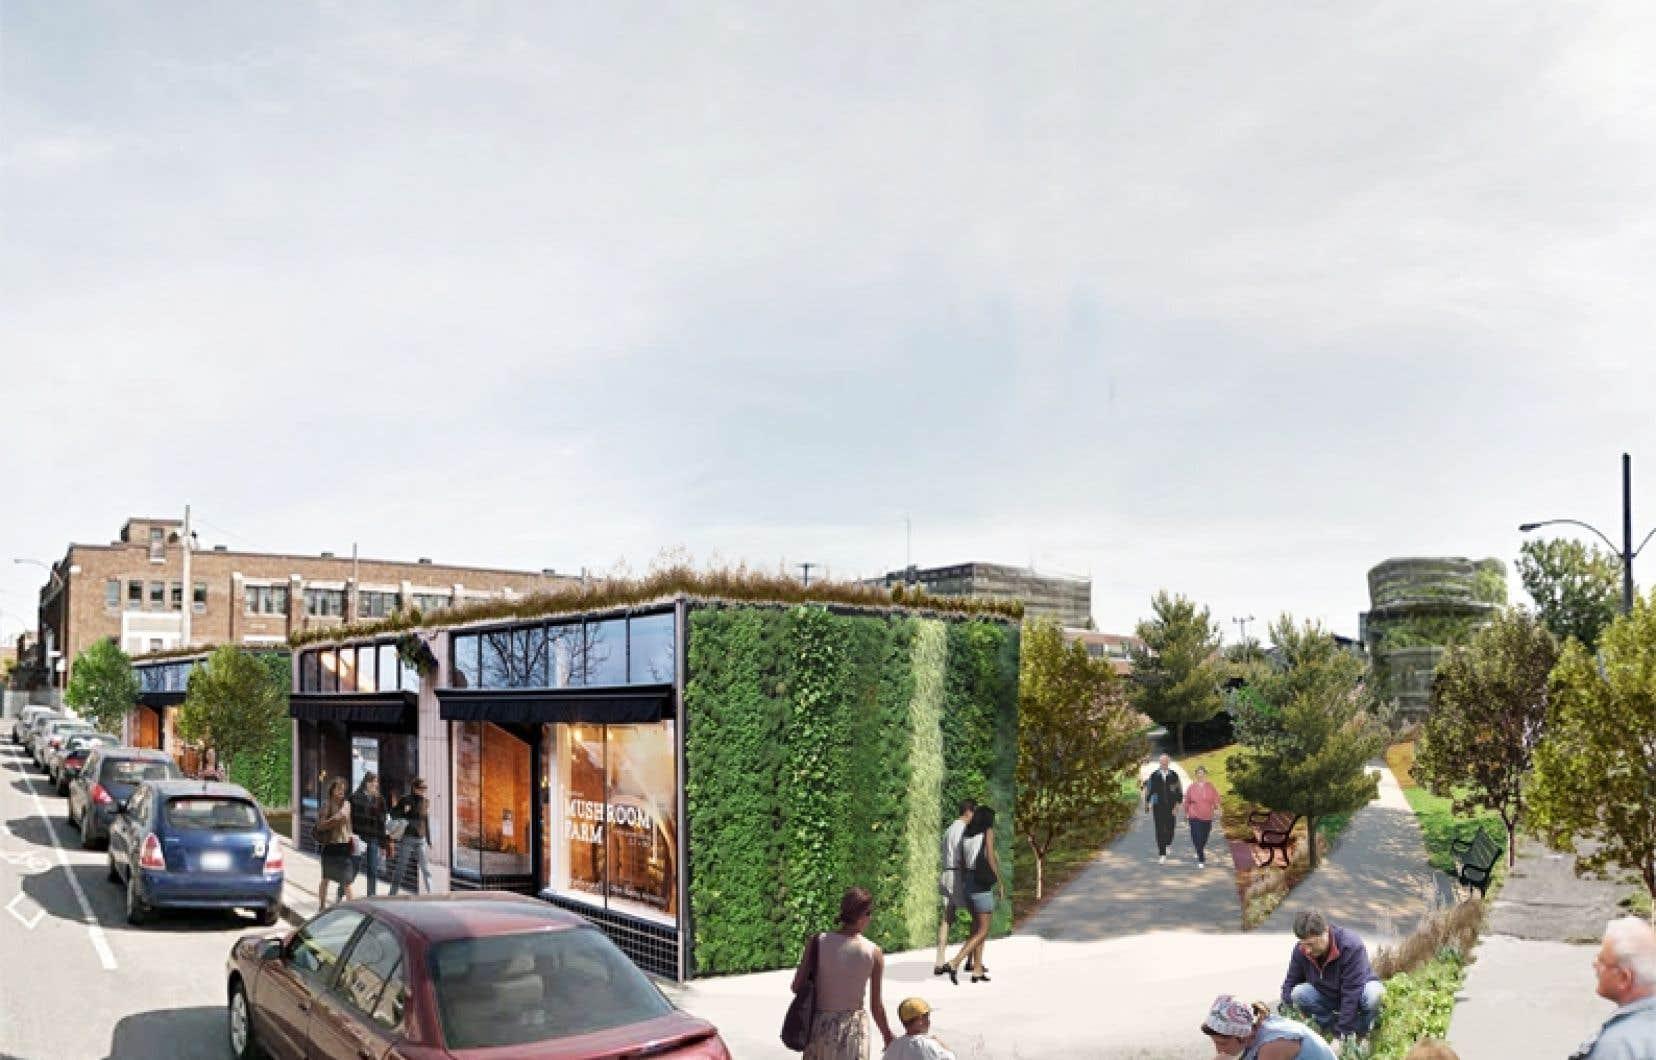 L'équipe de chercheurs derrière «Imaginons Bellechasse» compte présenter les résultats de la consultation publique à l'arrondissement.